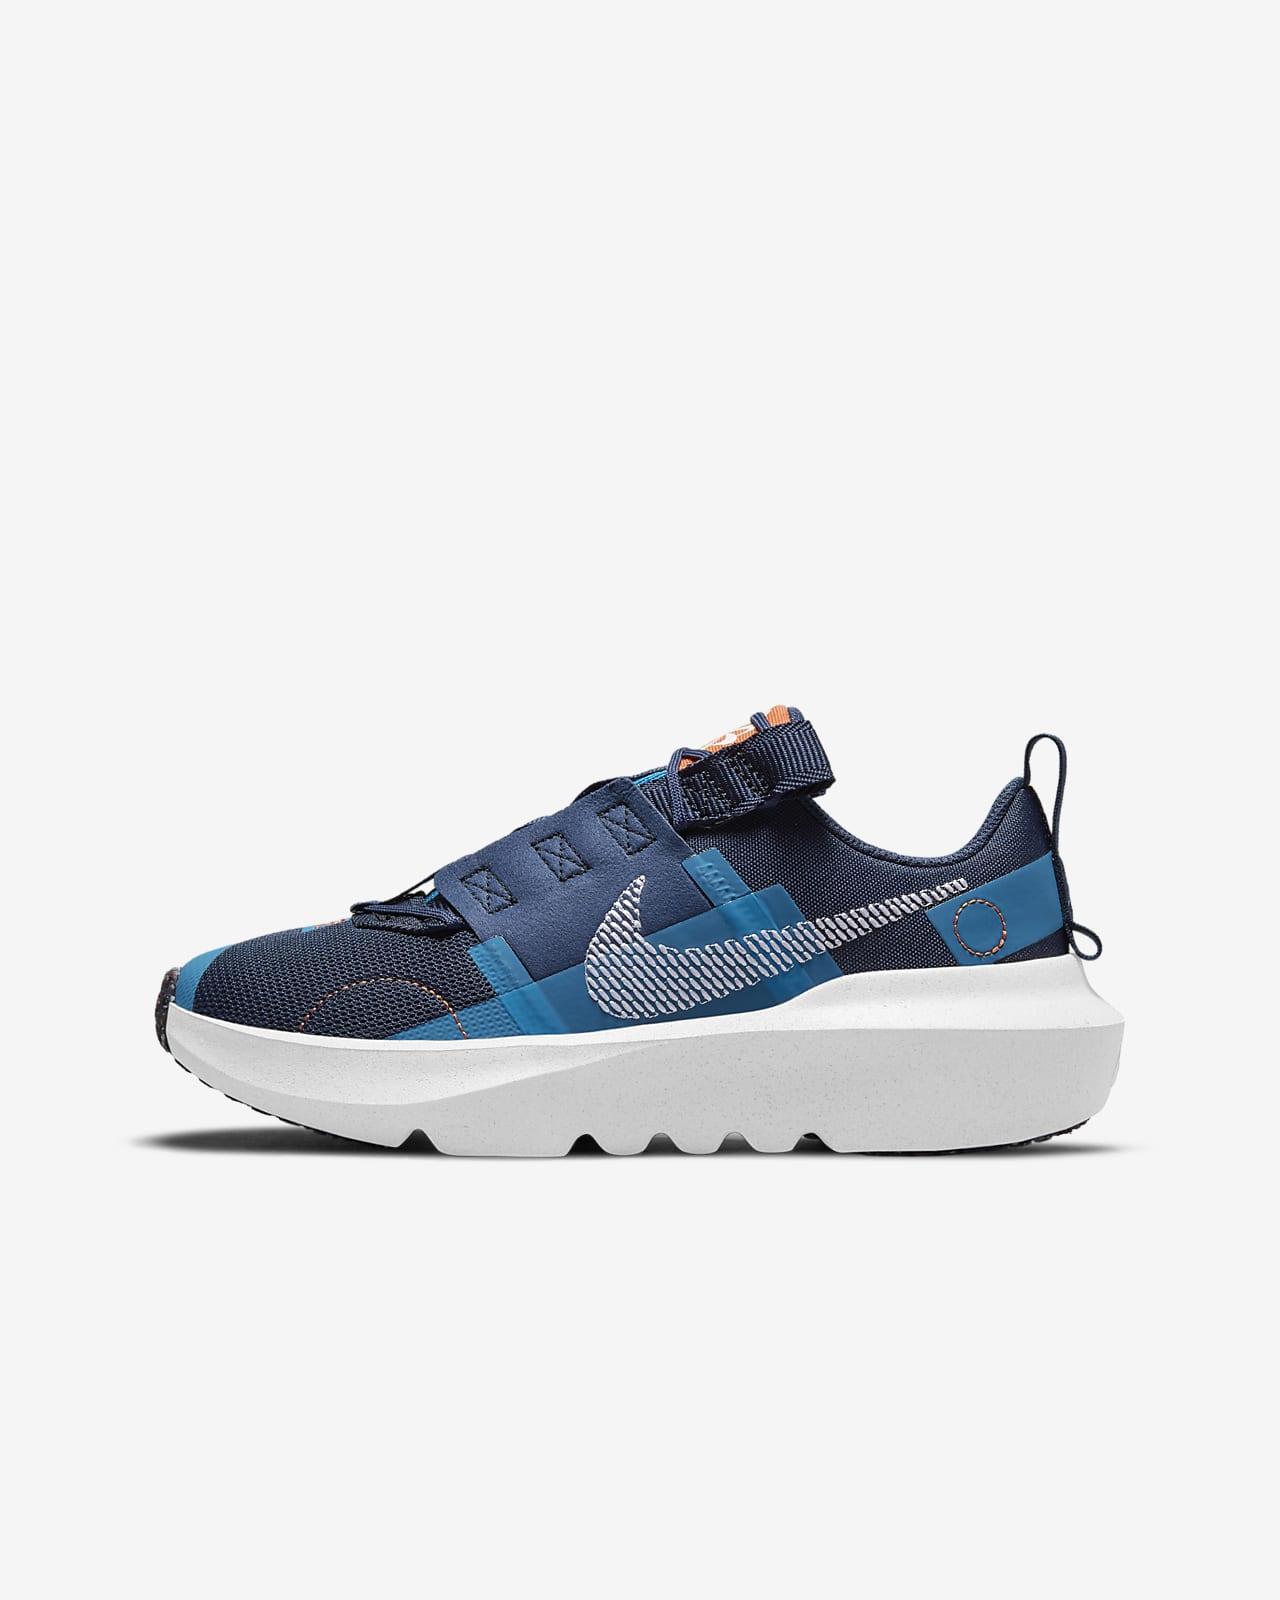 Buty dla dużych dzieci Nike Crater Impact